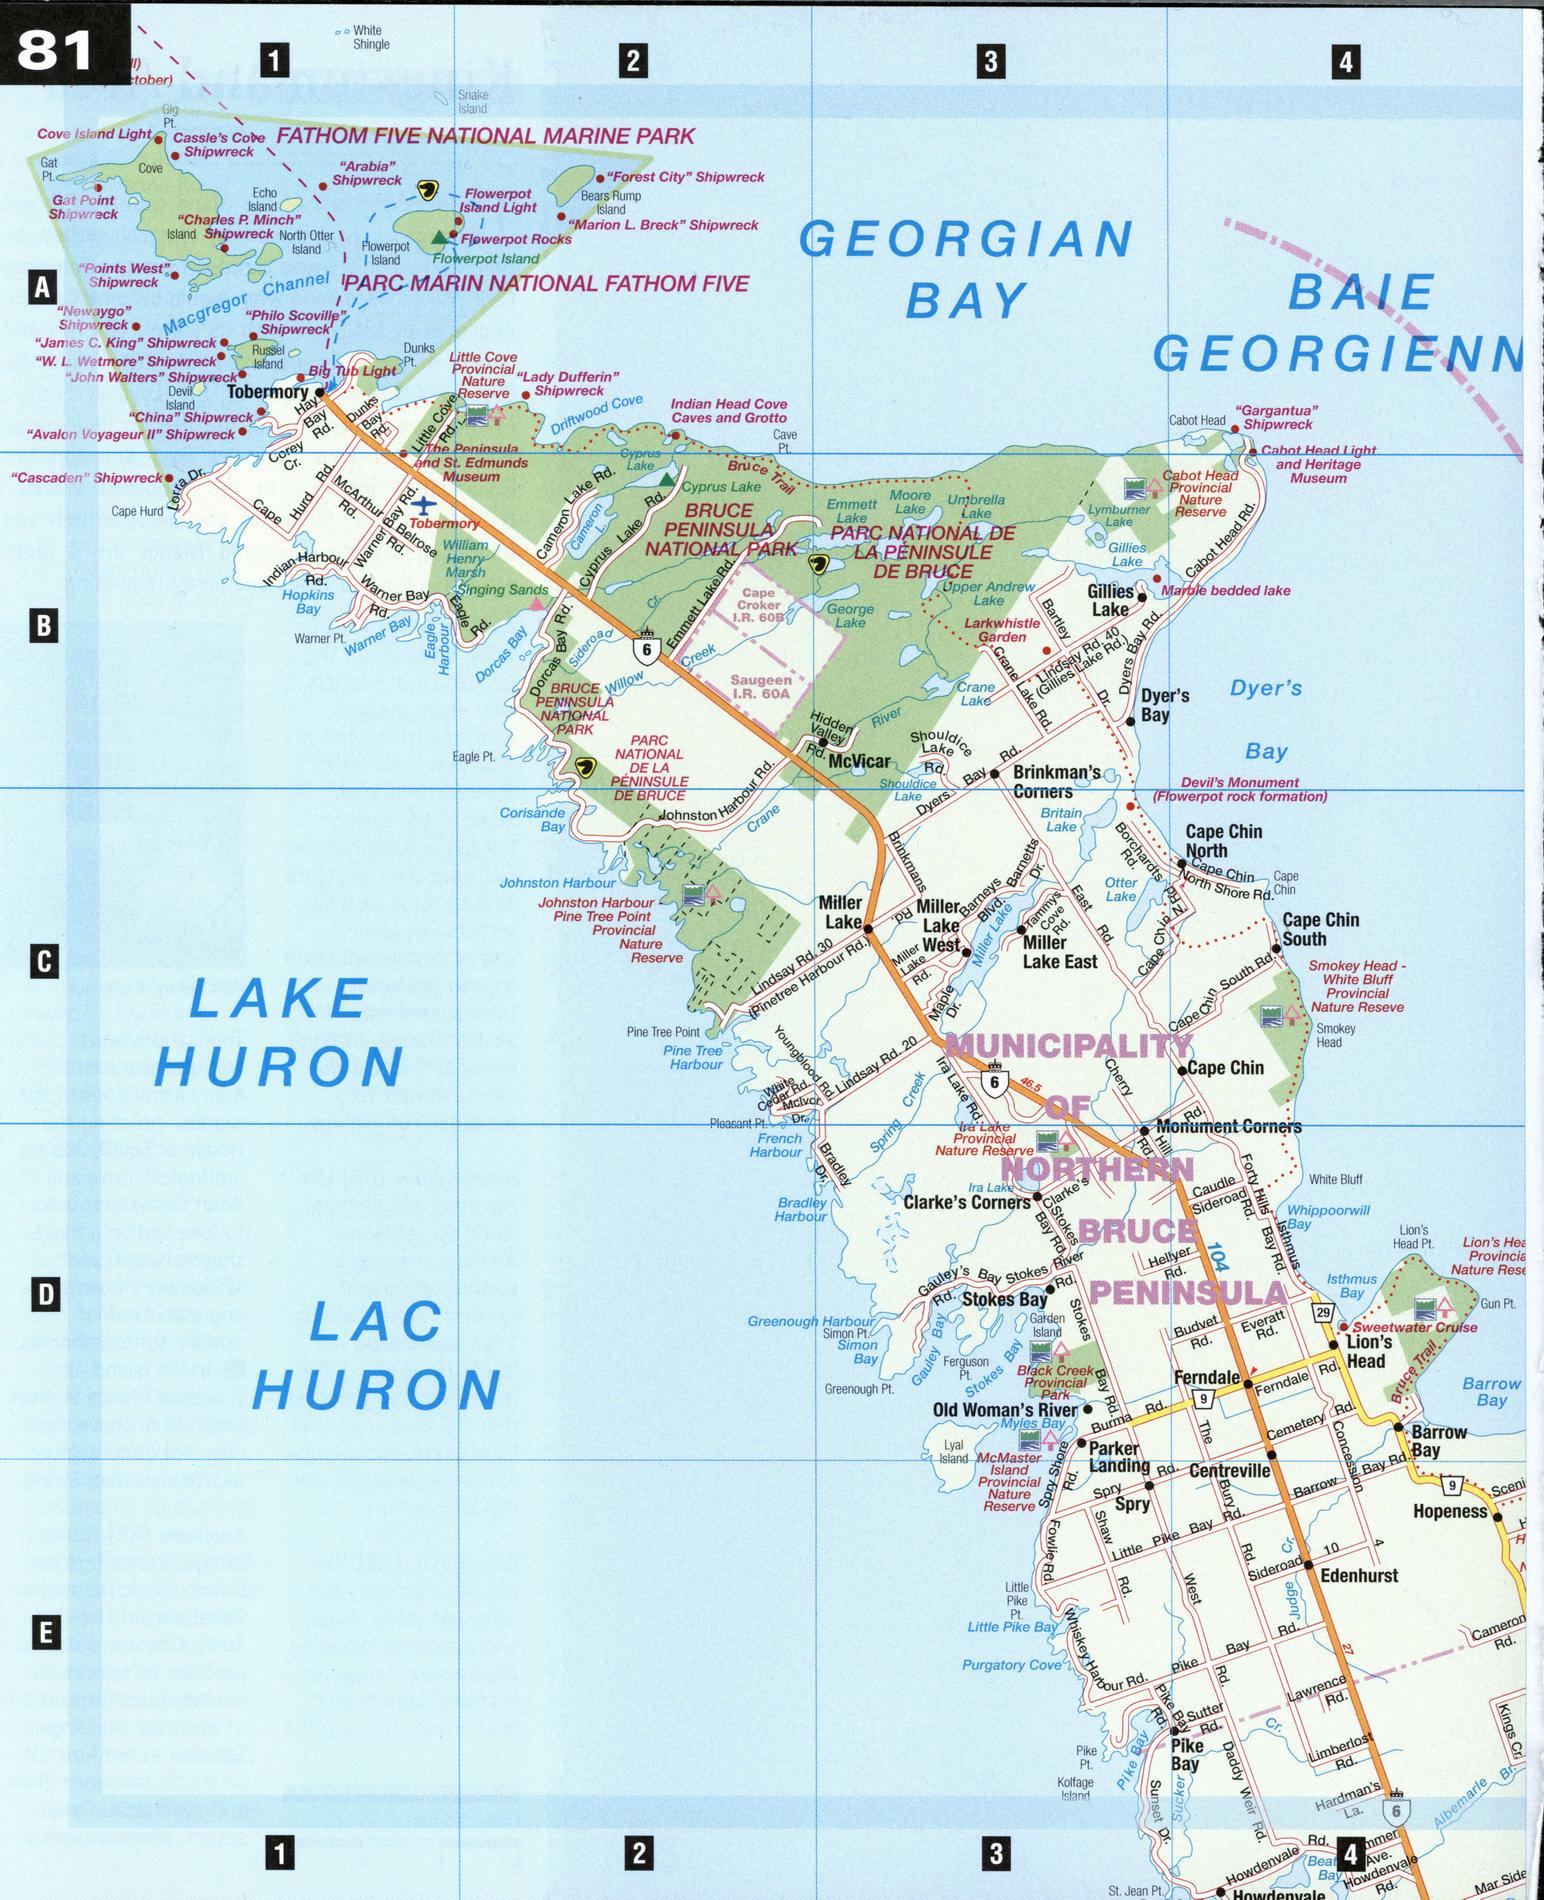 Bruce Peninsula - Map us 81